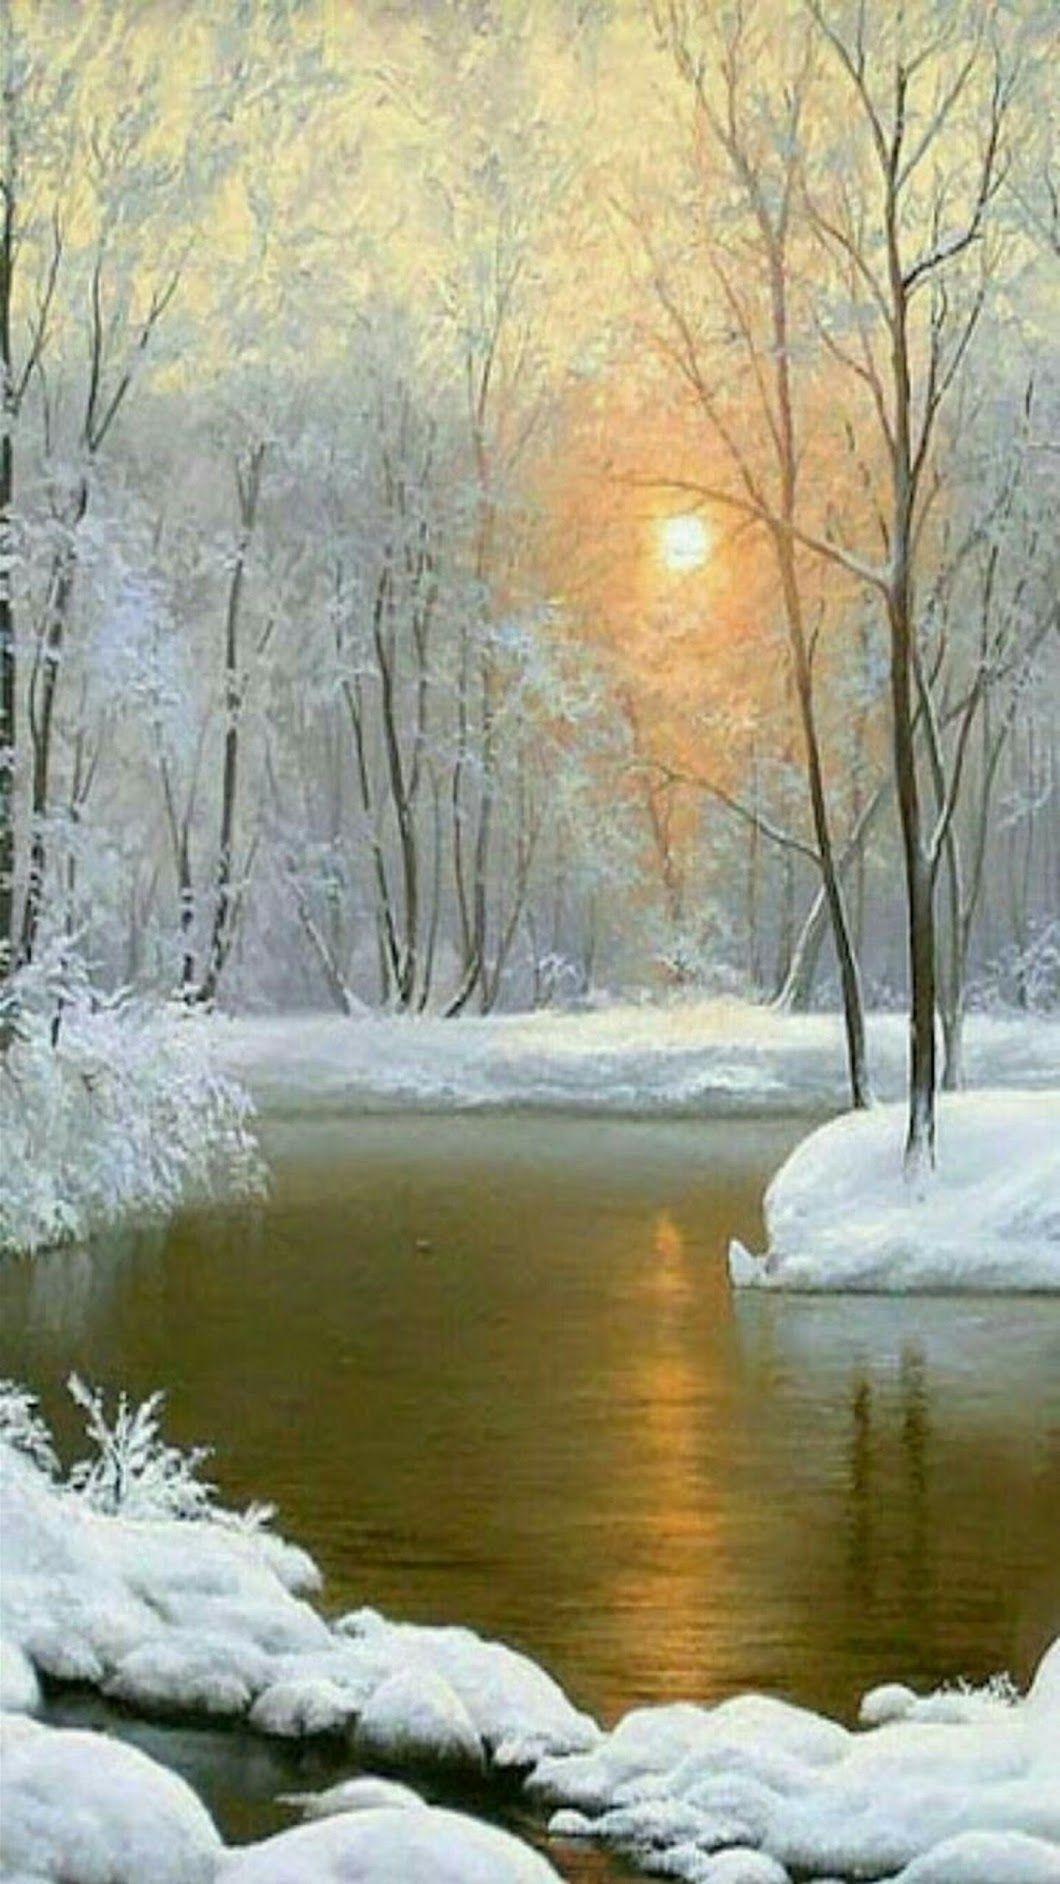 Pin von Juliana Sulja auf Winter | Pinterest | Natur, Foto natur und ...